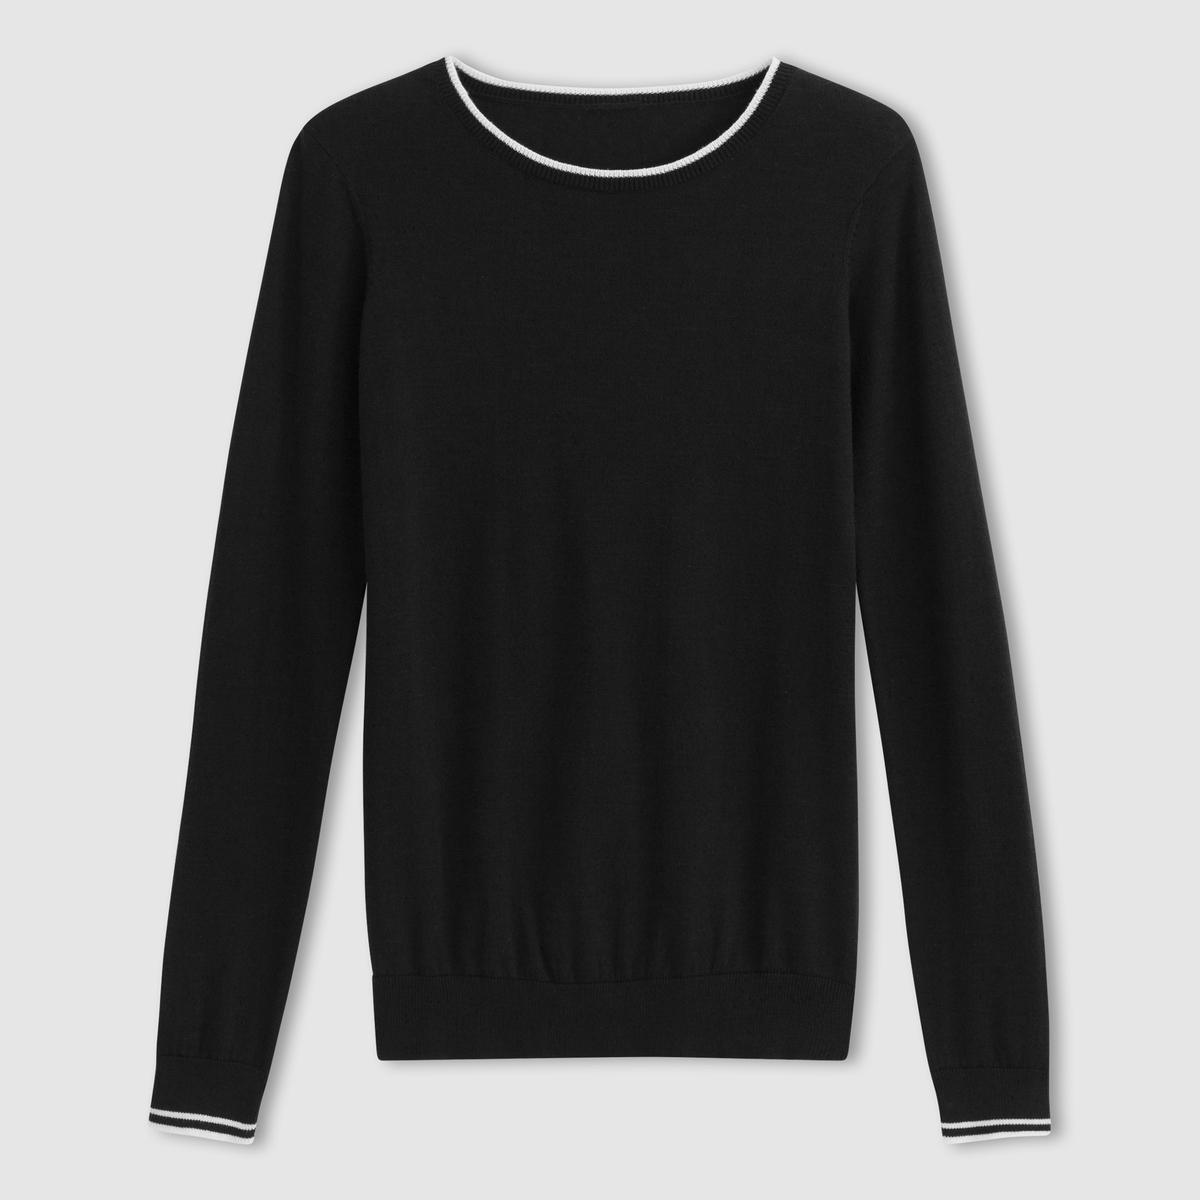 Пуловер, 100% хлопка с круглым вырезом